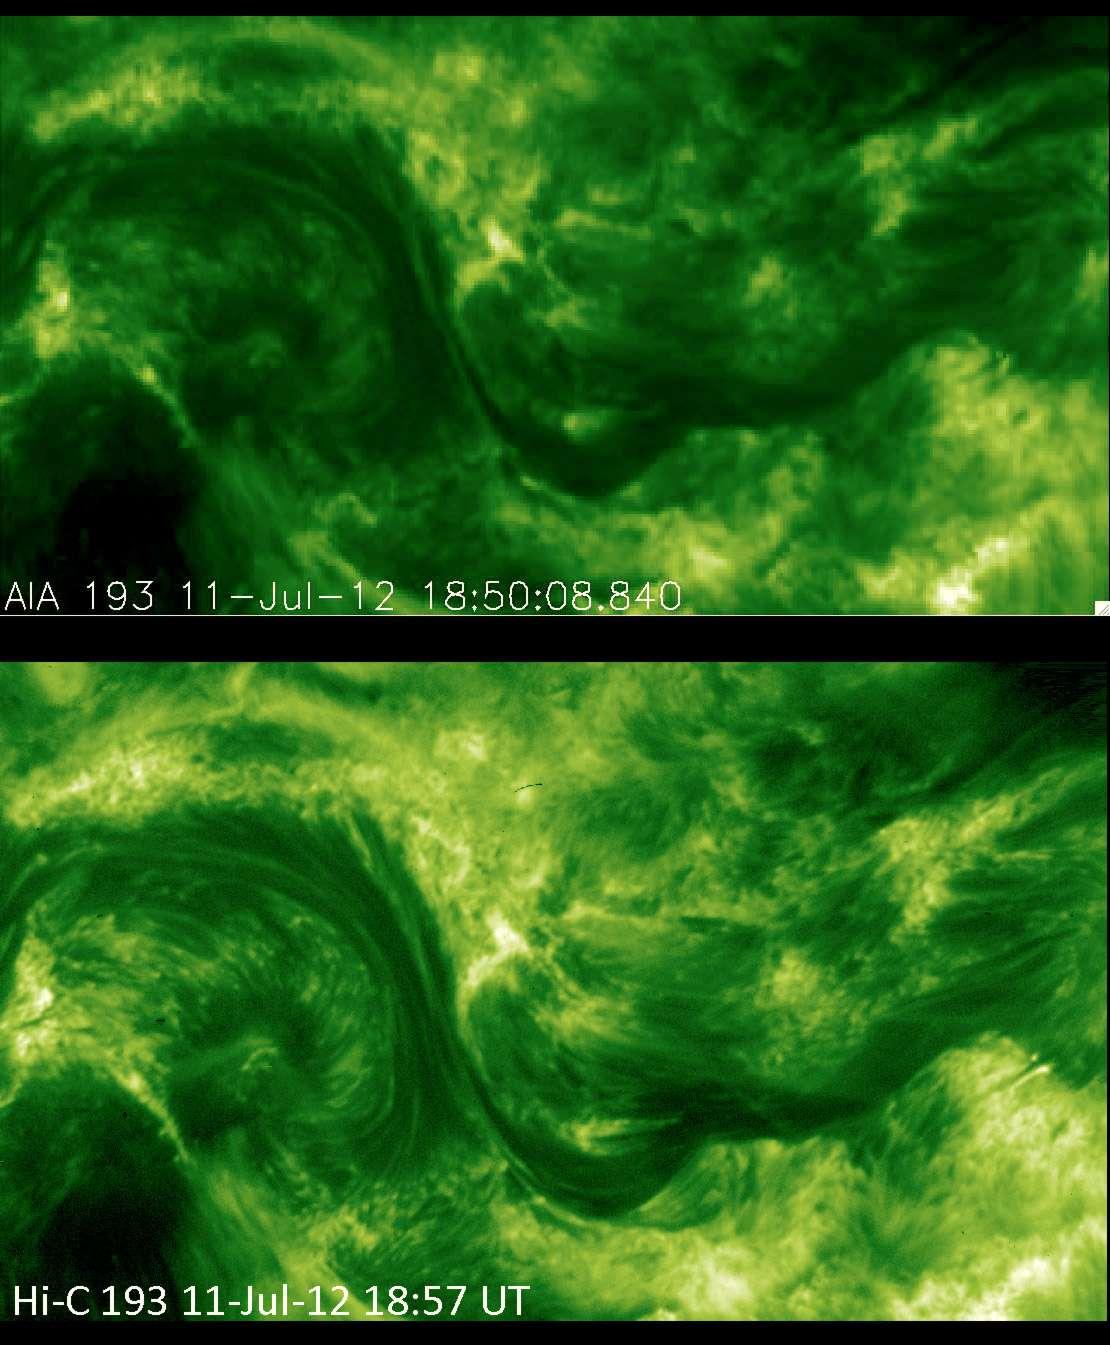 Comme le montre l'image de la couronne solaire acquise par le petit télescope spatial HI-C (image du bas), la résolution est bien meilleure que ce que permet l'Observatoire spatial du Soleil, SDO. Des détails de la même région, simplement suggérés sur l'image de SDO (image du haut), sont clairement visibles avec HI-C. © Nasa